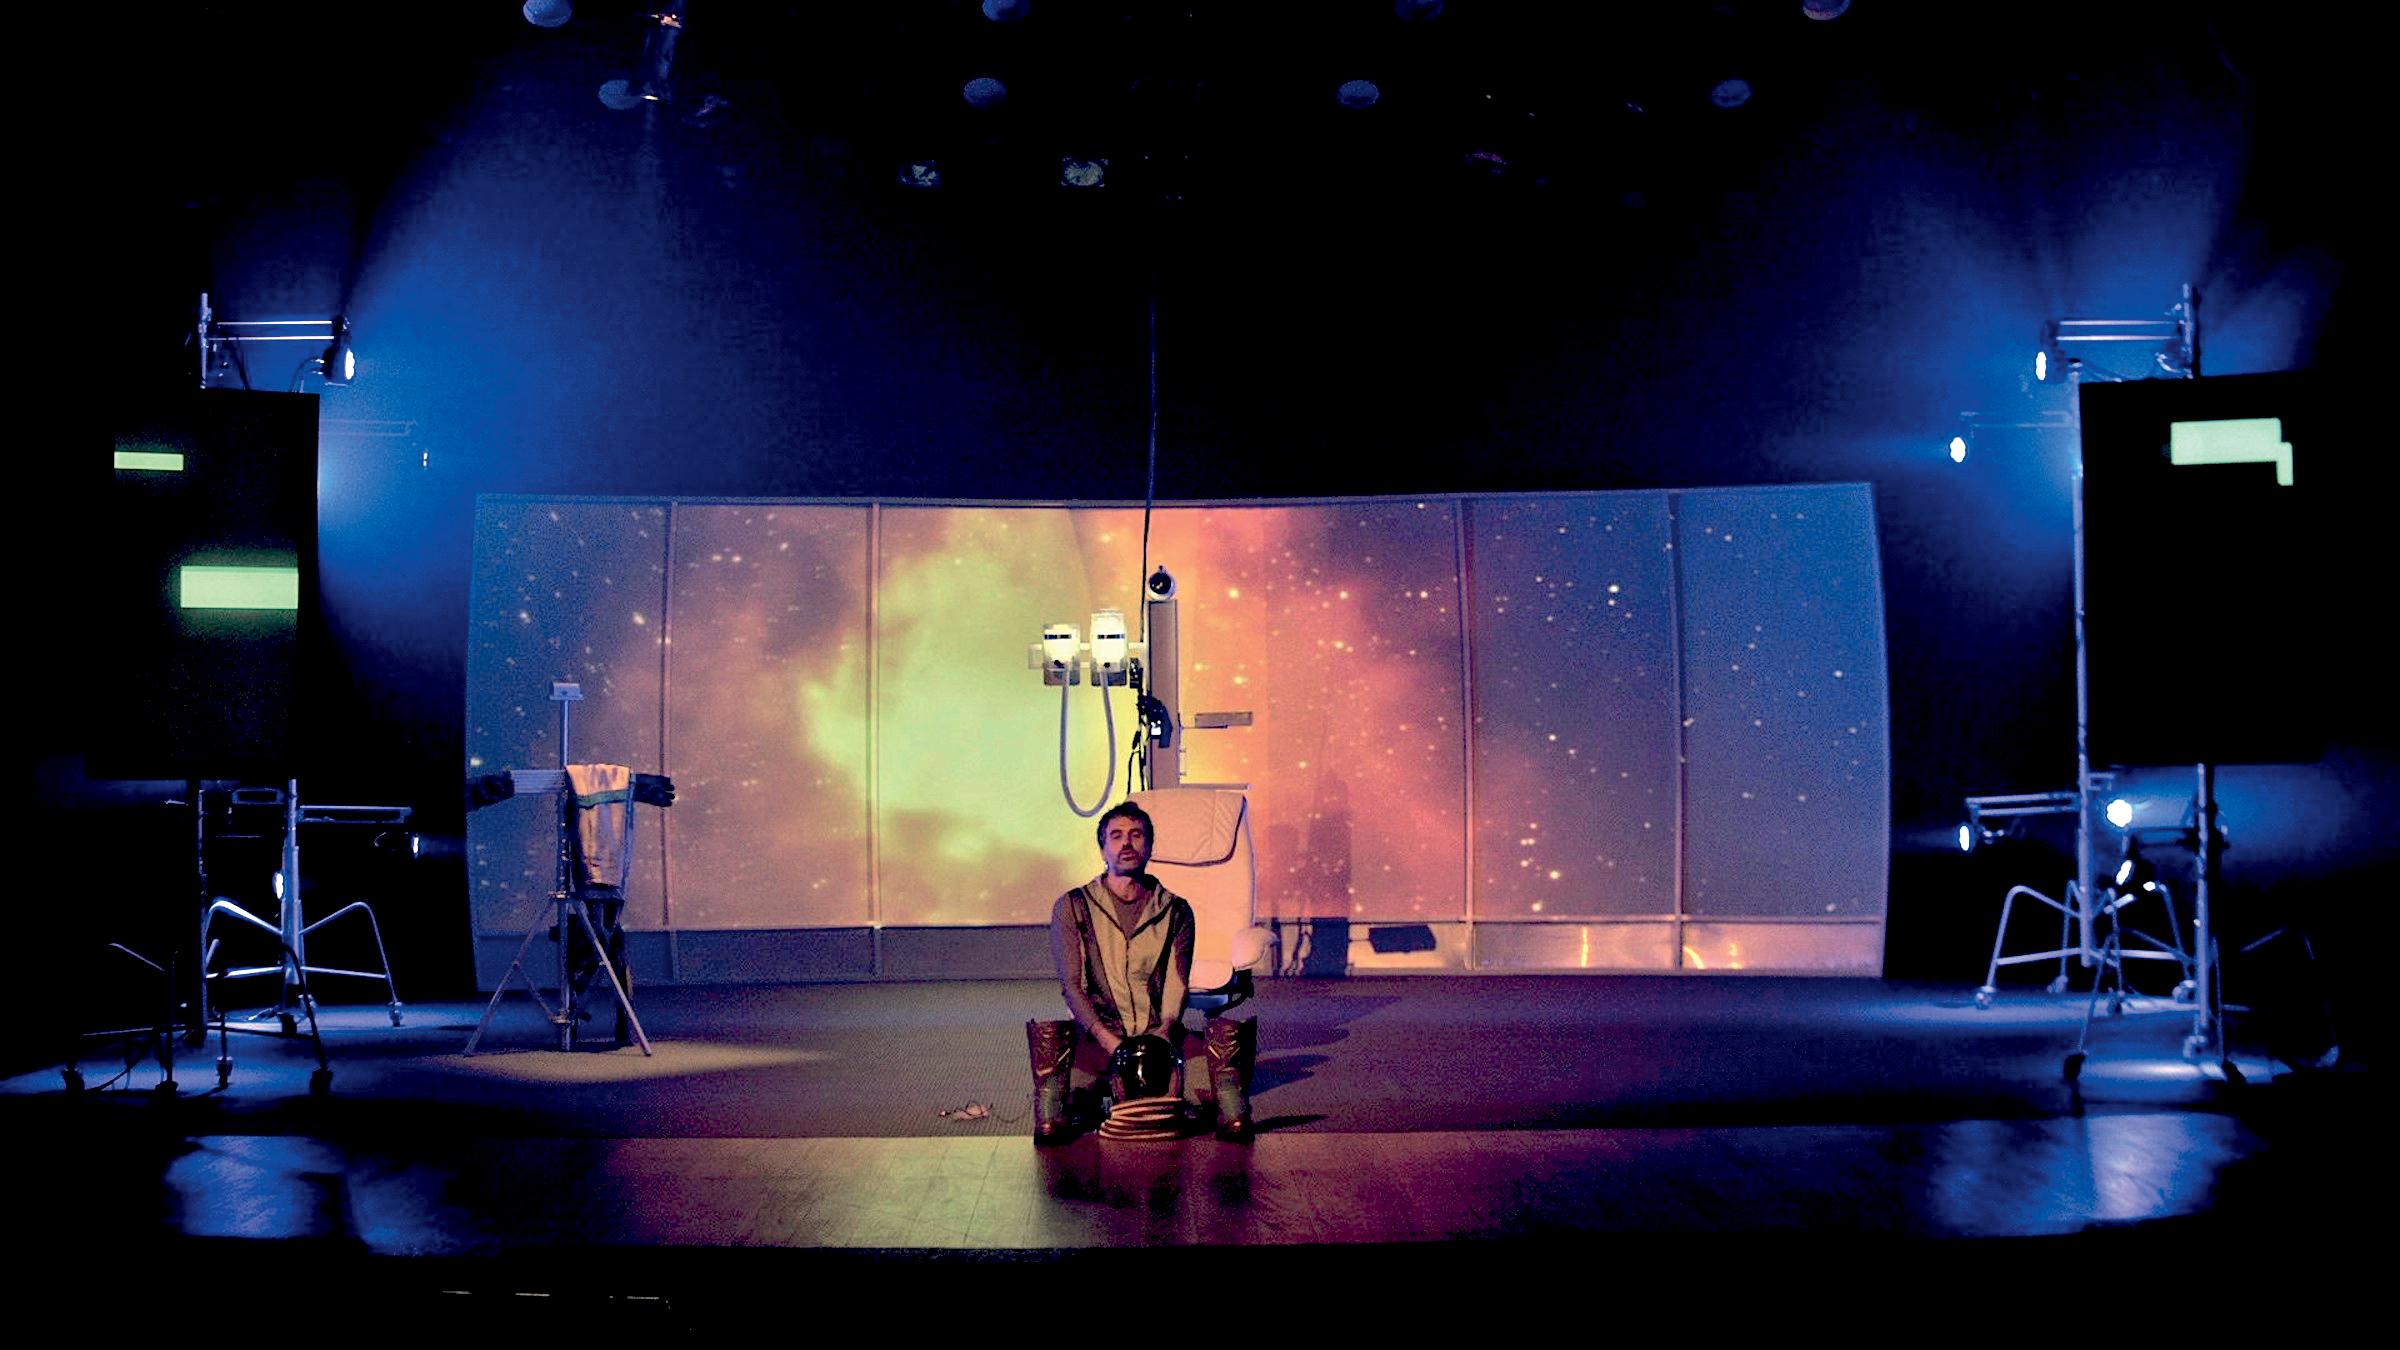 O ator Eriberto Leão no palco da peça O Astronauta, com um telão ao fundo que simula o espaço sideral